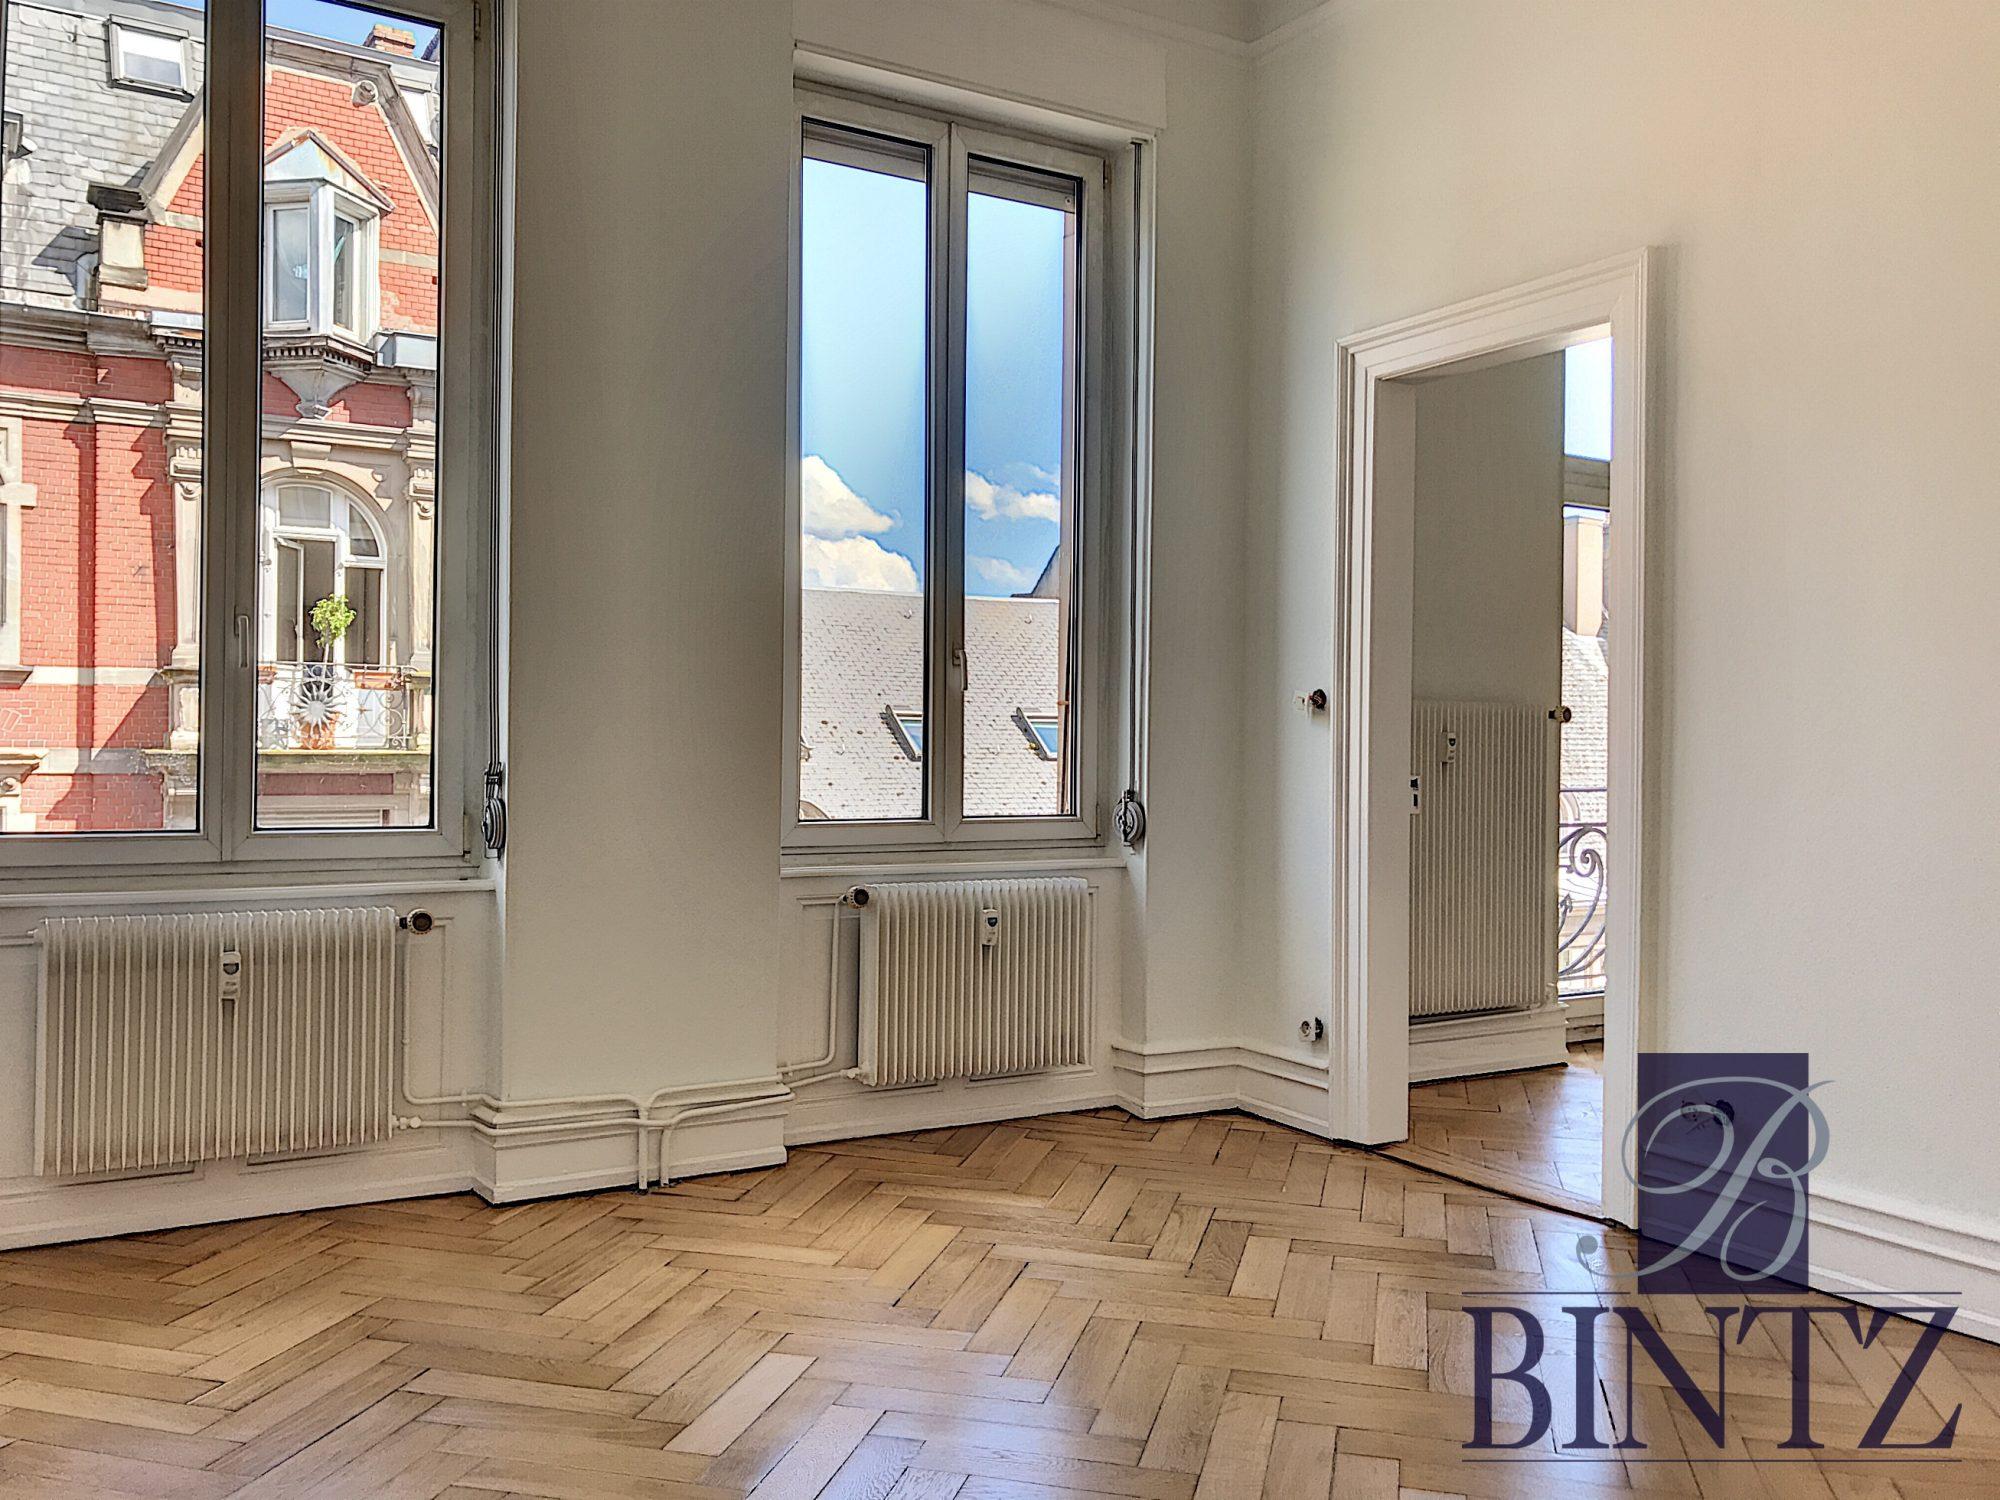 BEAU 3 PIÈCES SECTEUR FORET NOIRE - Devenez locataire en toute sérénité - Bintz Immobilier - 1